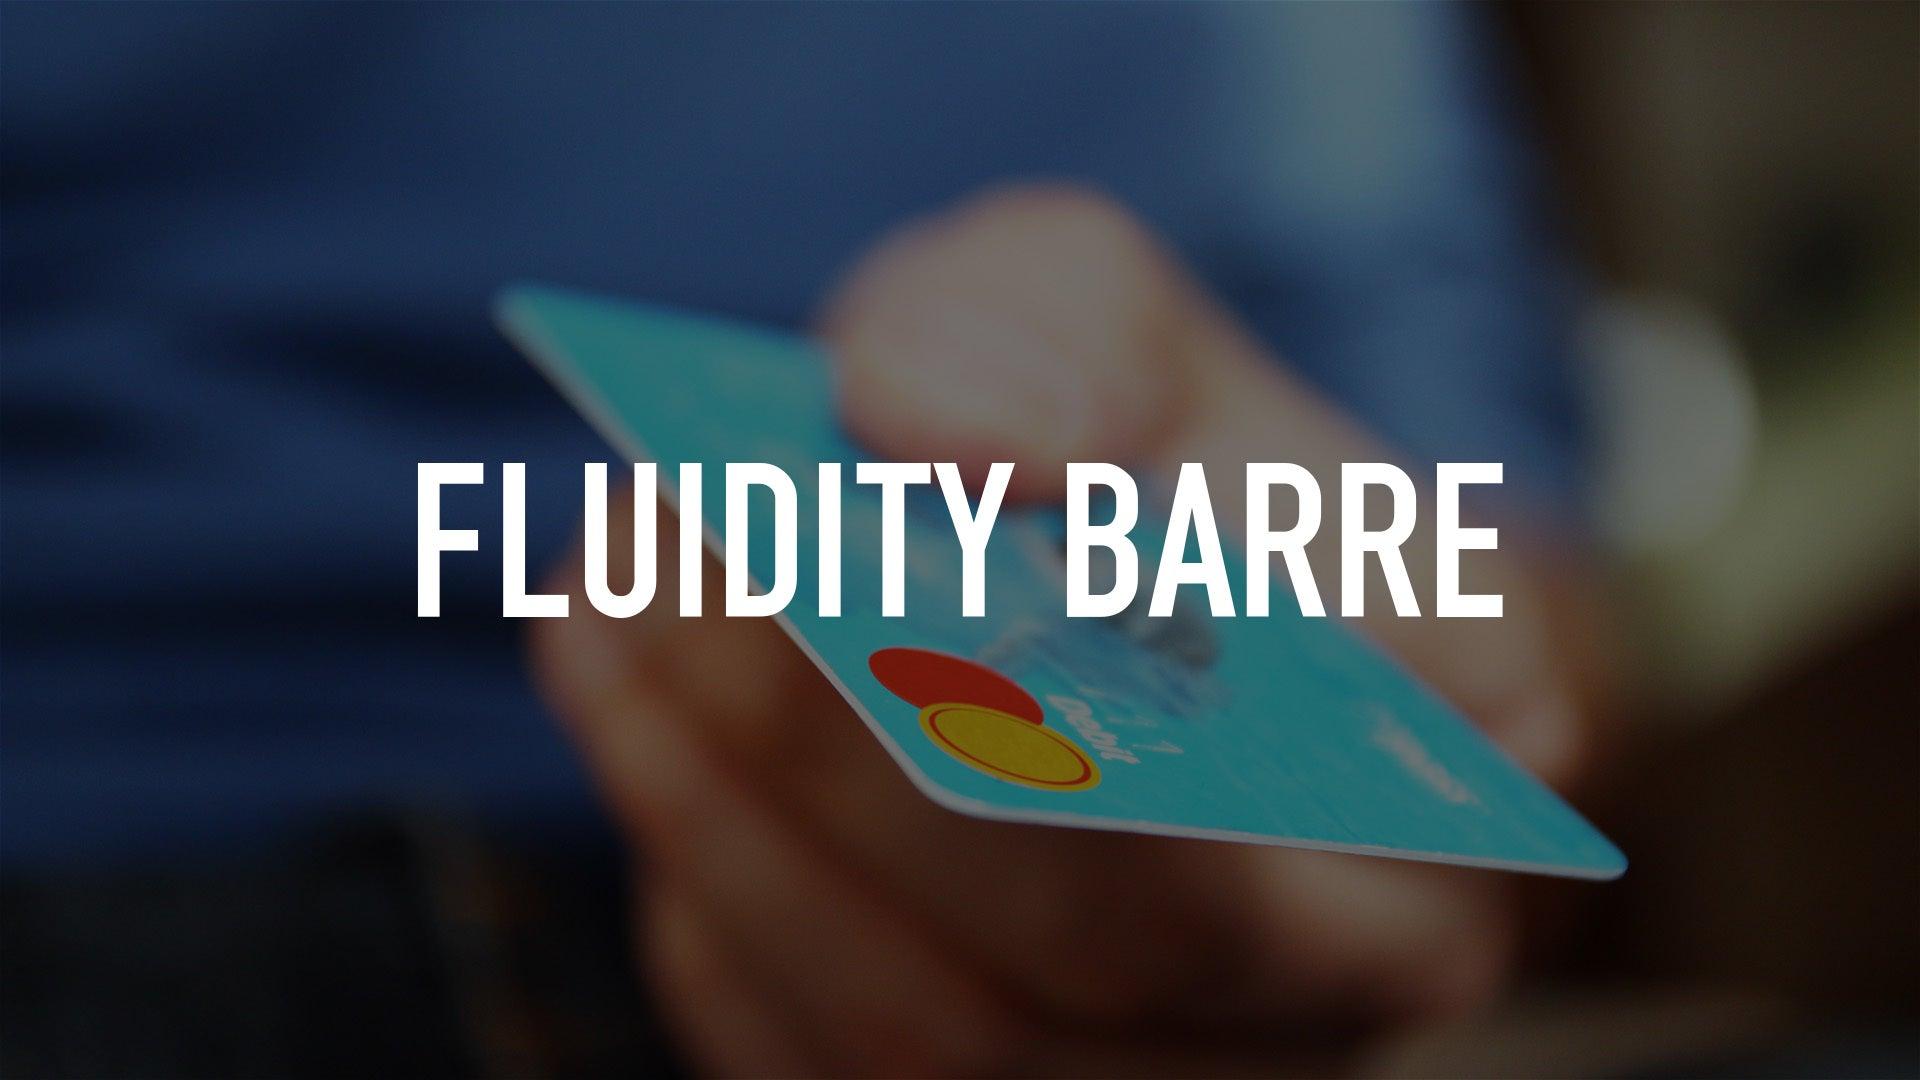 Fluidity Barre